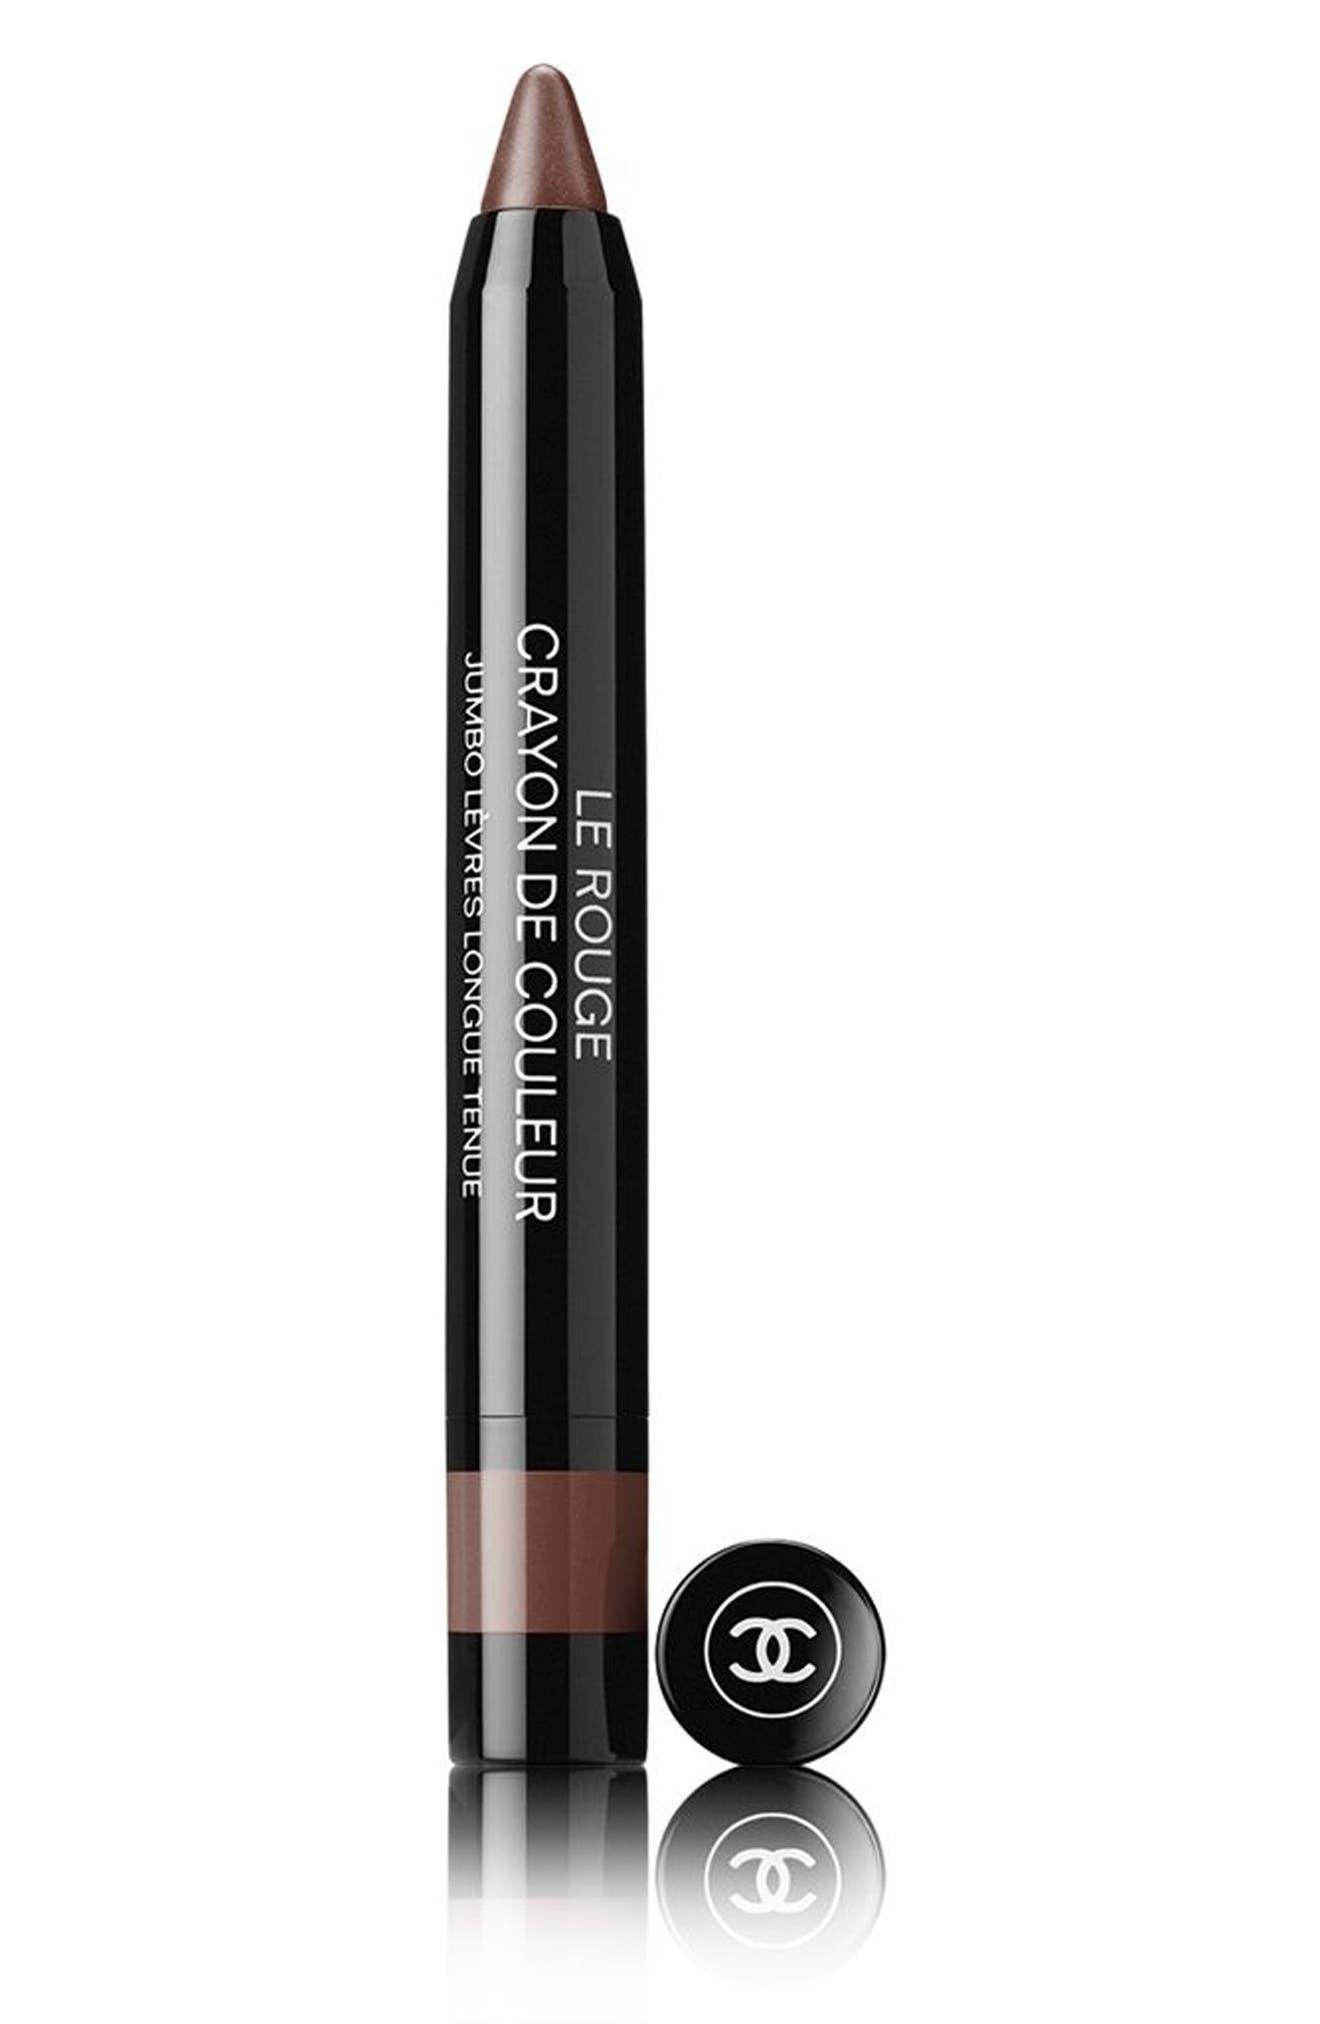 LE ROUGE CRAYON DE COULEUR Jumbo Longwear Lip Crayon,                         Main,                         color, 22 NATURAL BROWN